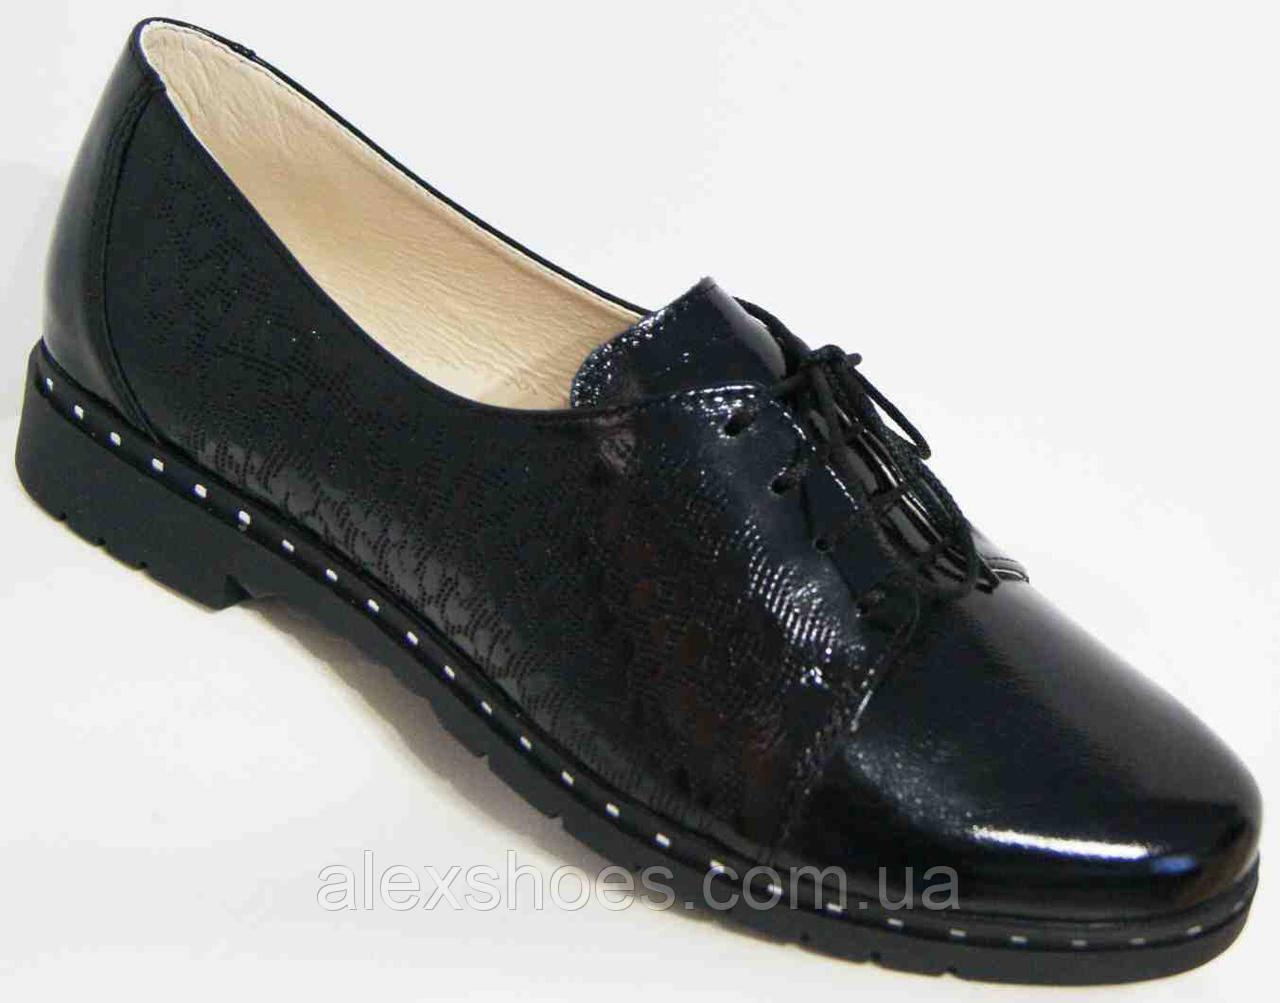 Туфли женские большого размера из натуральной кожи от производителя модель В3544-22